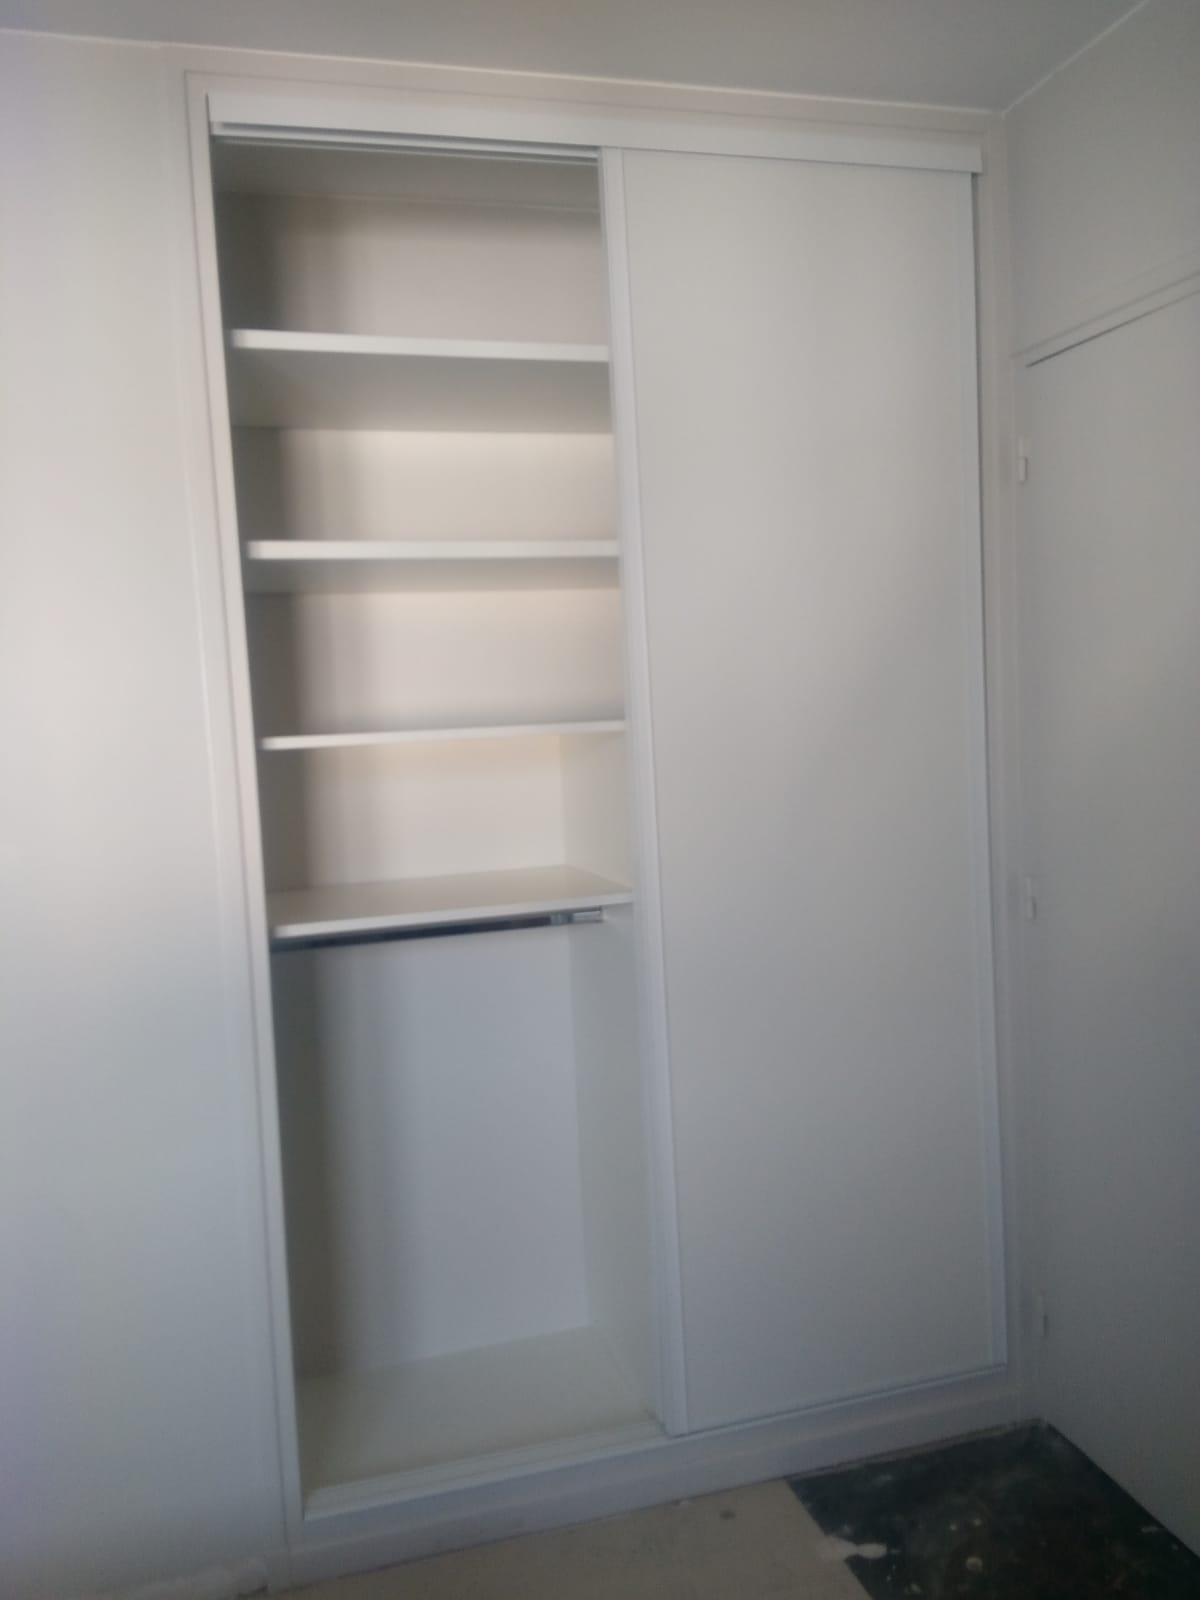 Sur cette deuxième photo, on voit le placard sur mesure avec les portes ouvertes.